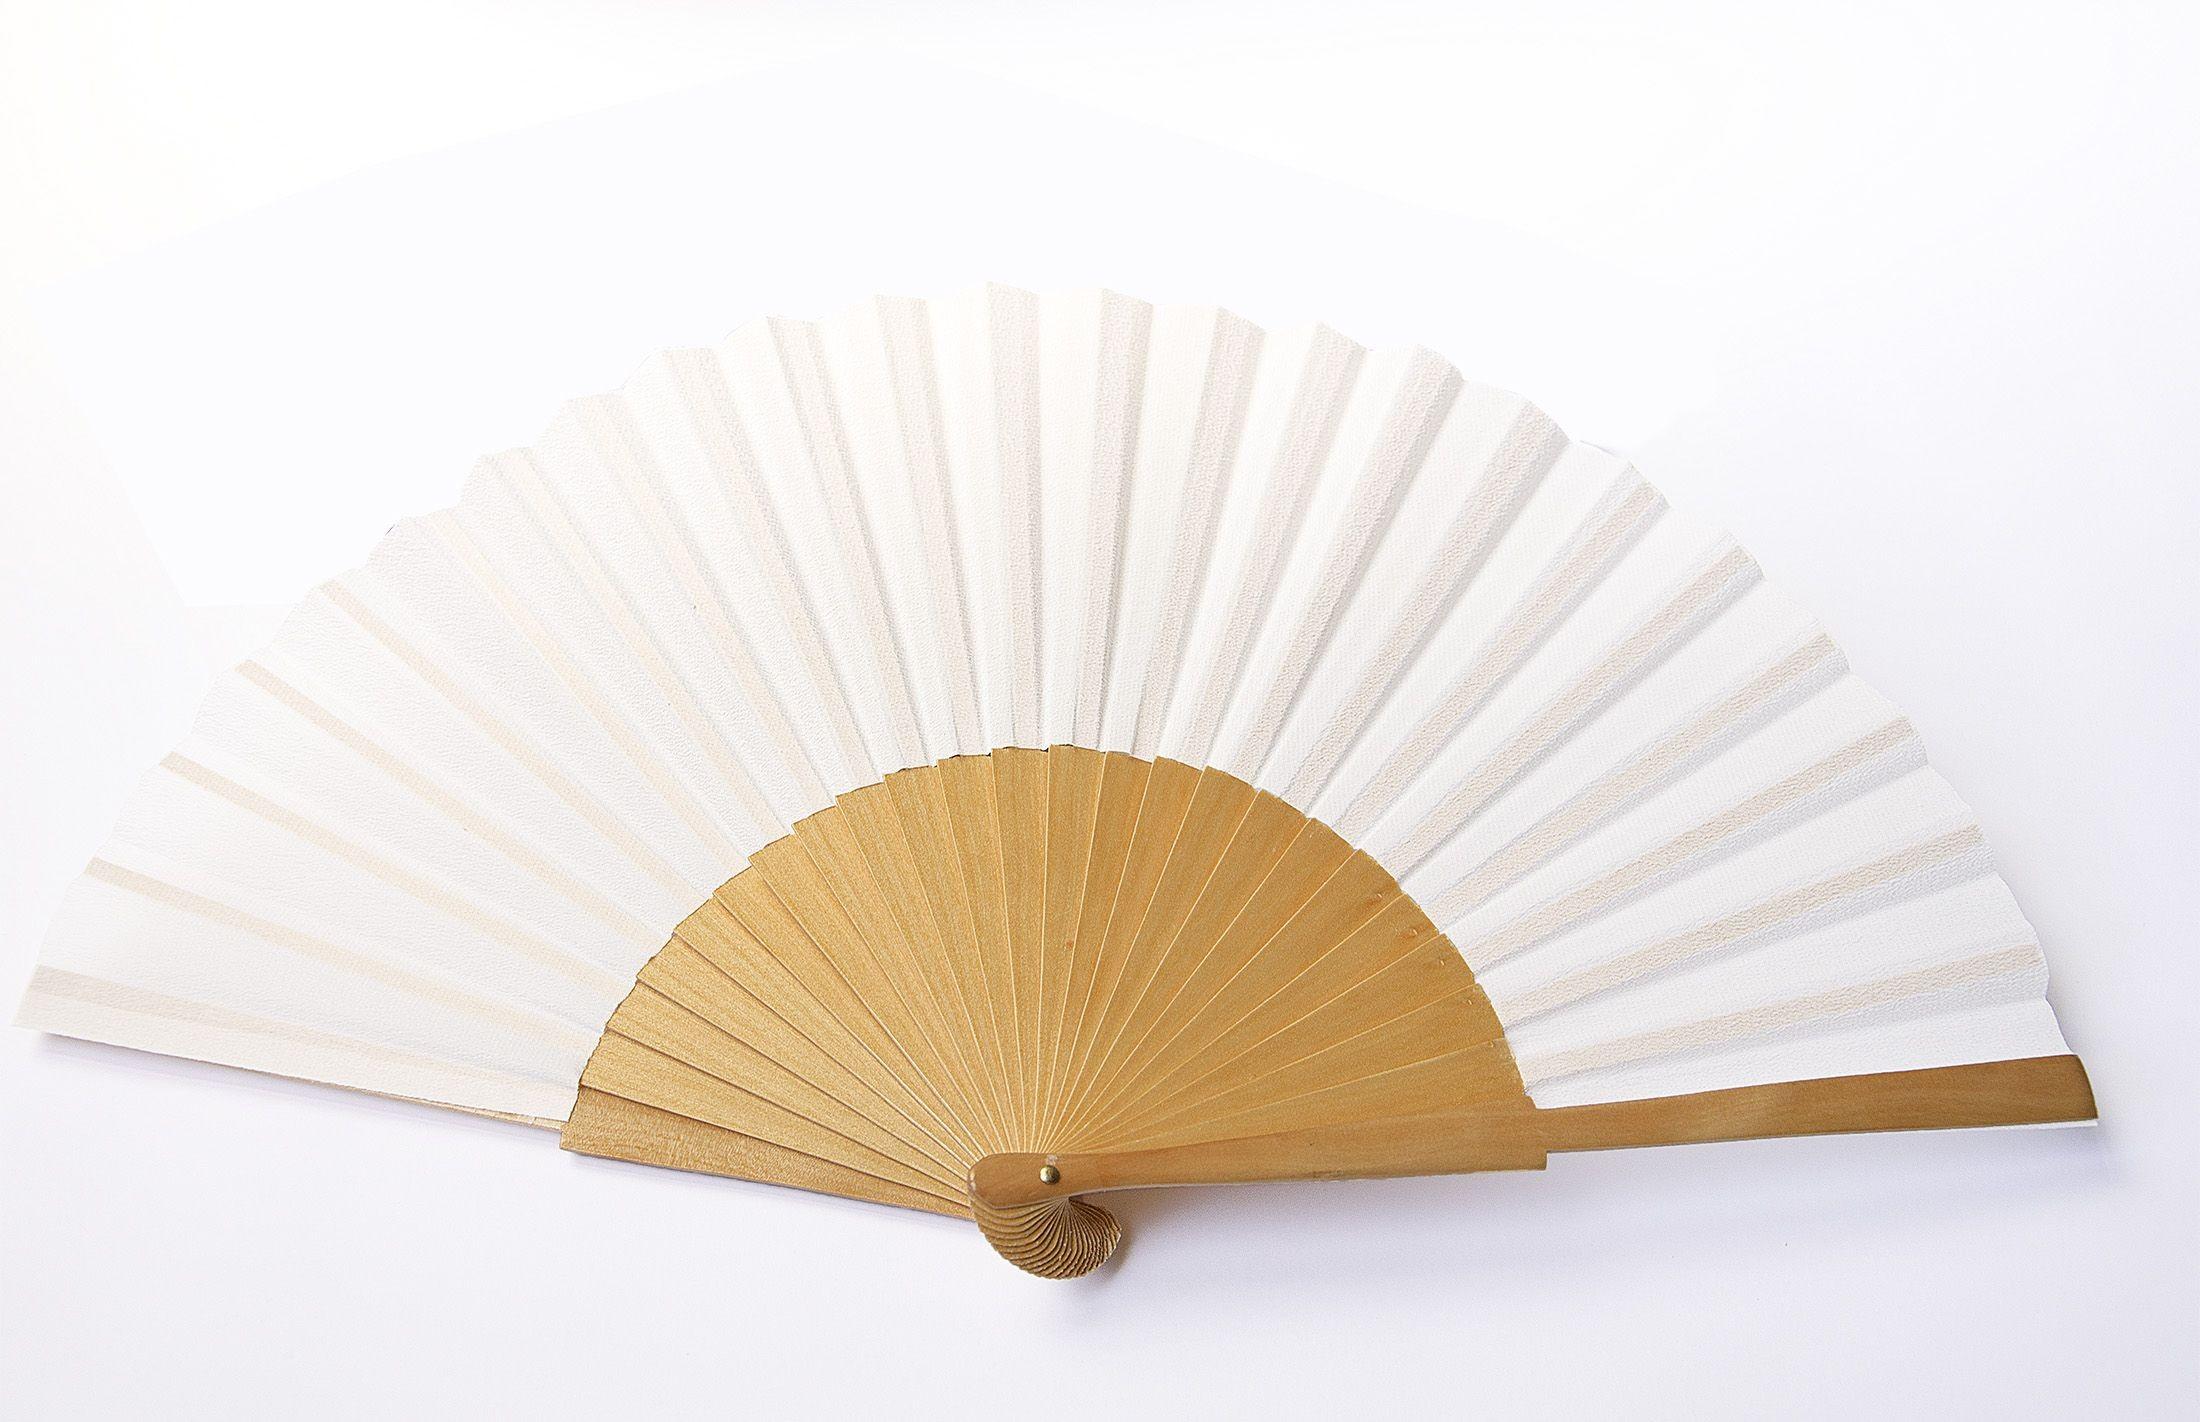 Eventail de soie en Crêpe Chine blanc et monture de bois de sycomore de 22cm de haut et 42cm de large. Monté en Espagne.